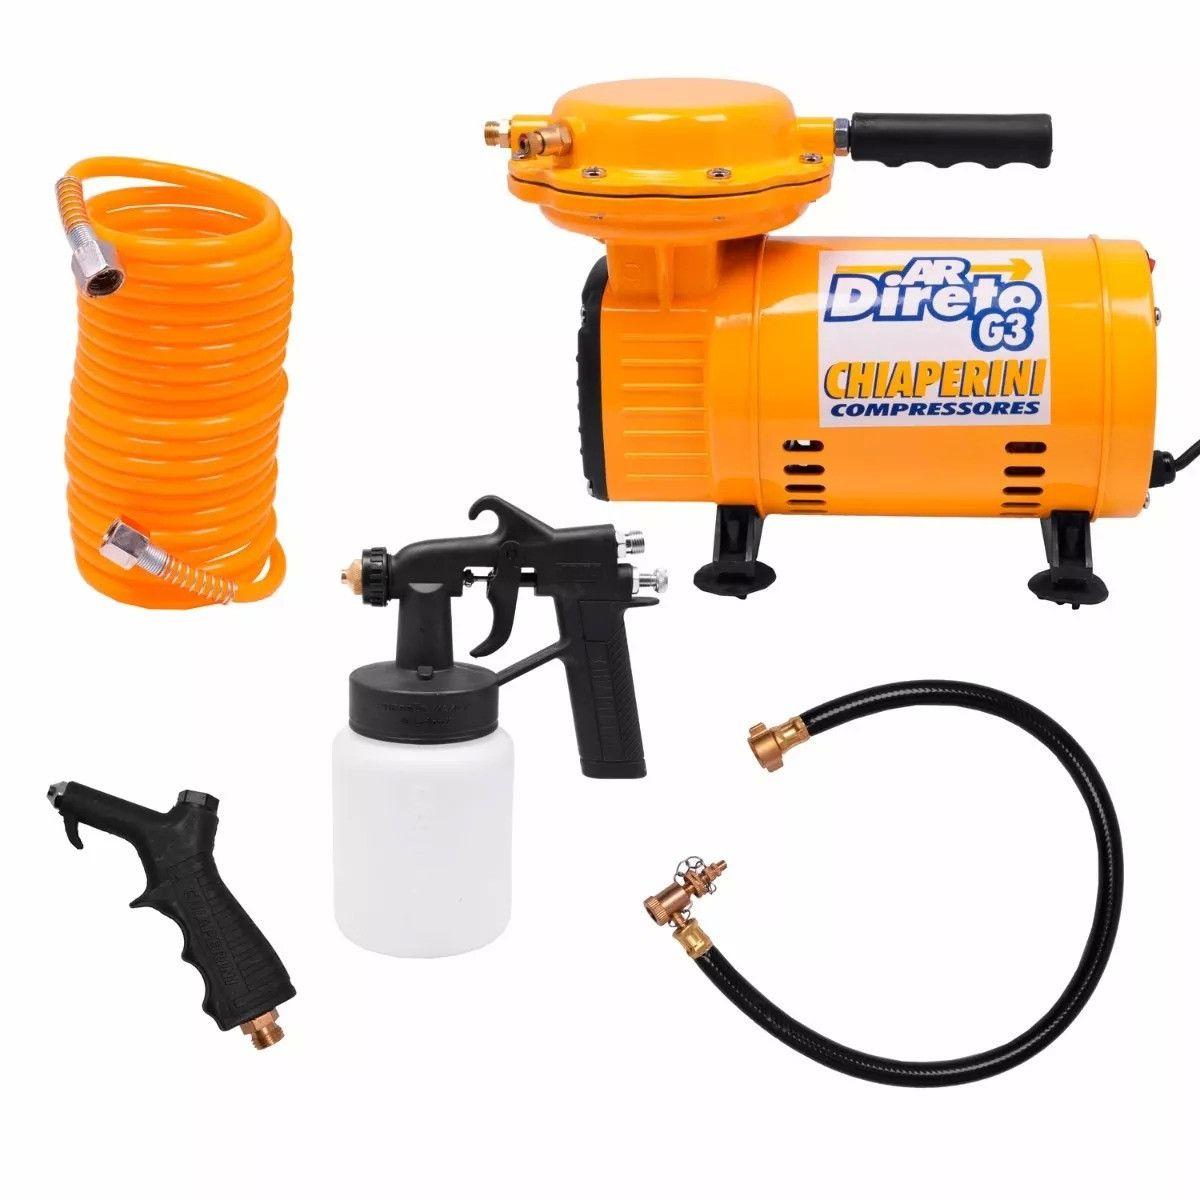 Compressor de Ar Direto G3 40PSI 1/3HP Bivolt com Kit para Pintura - Chiaperini